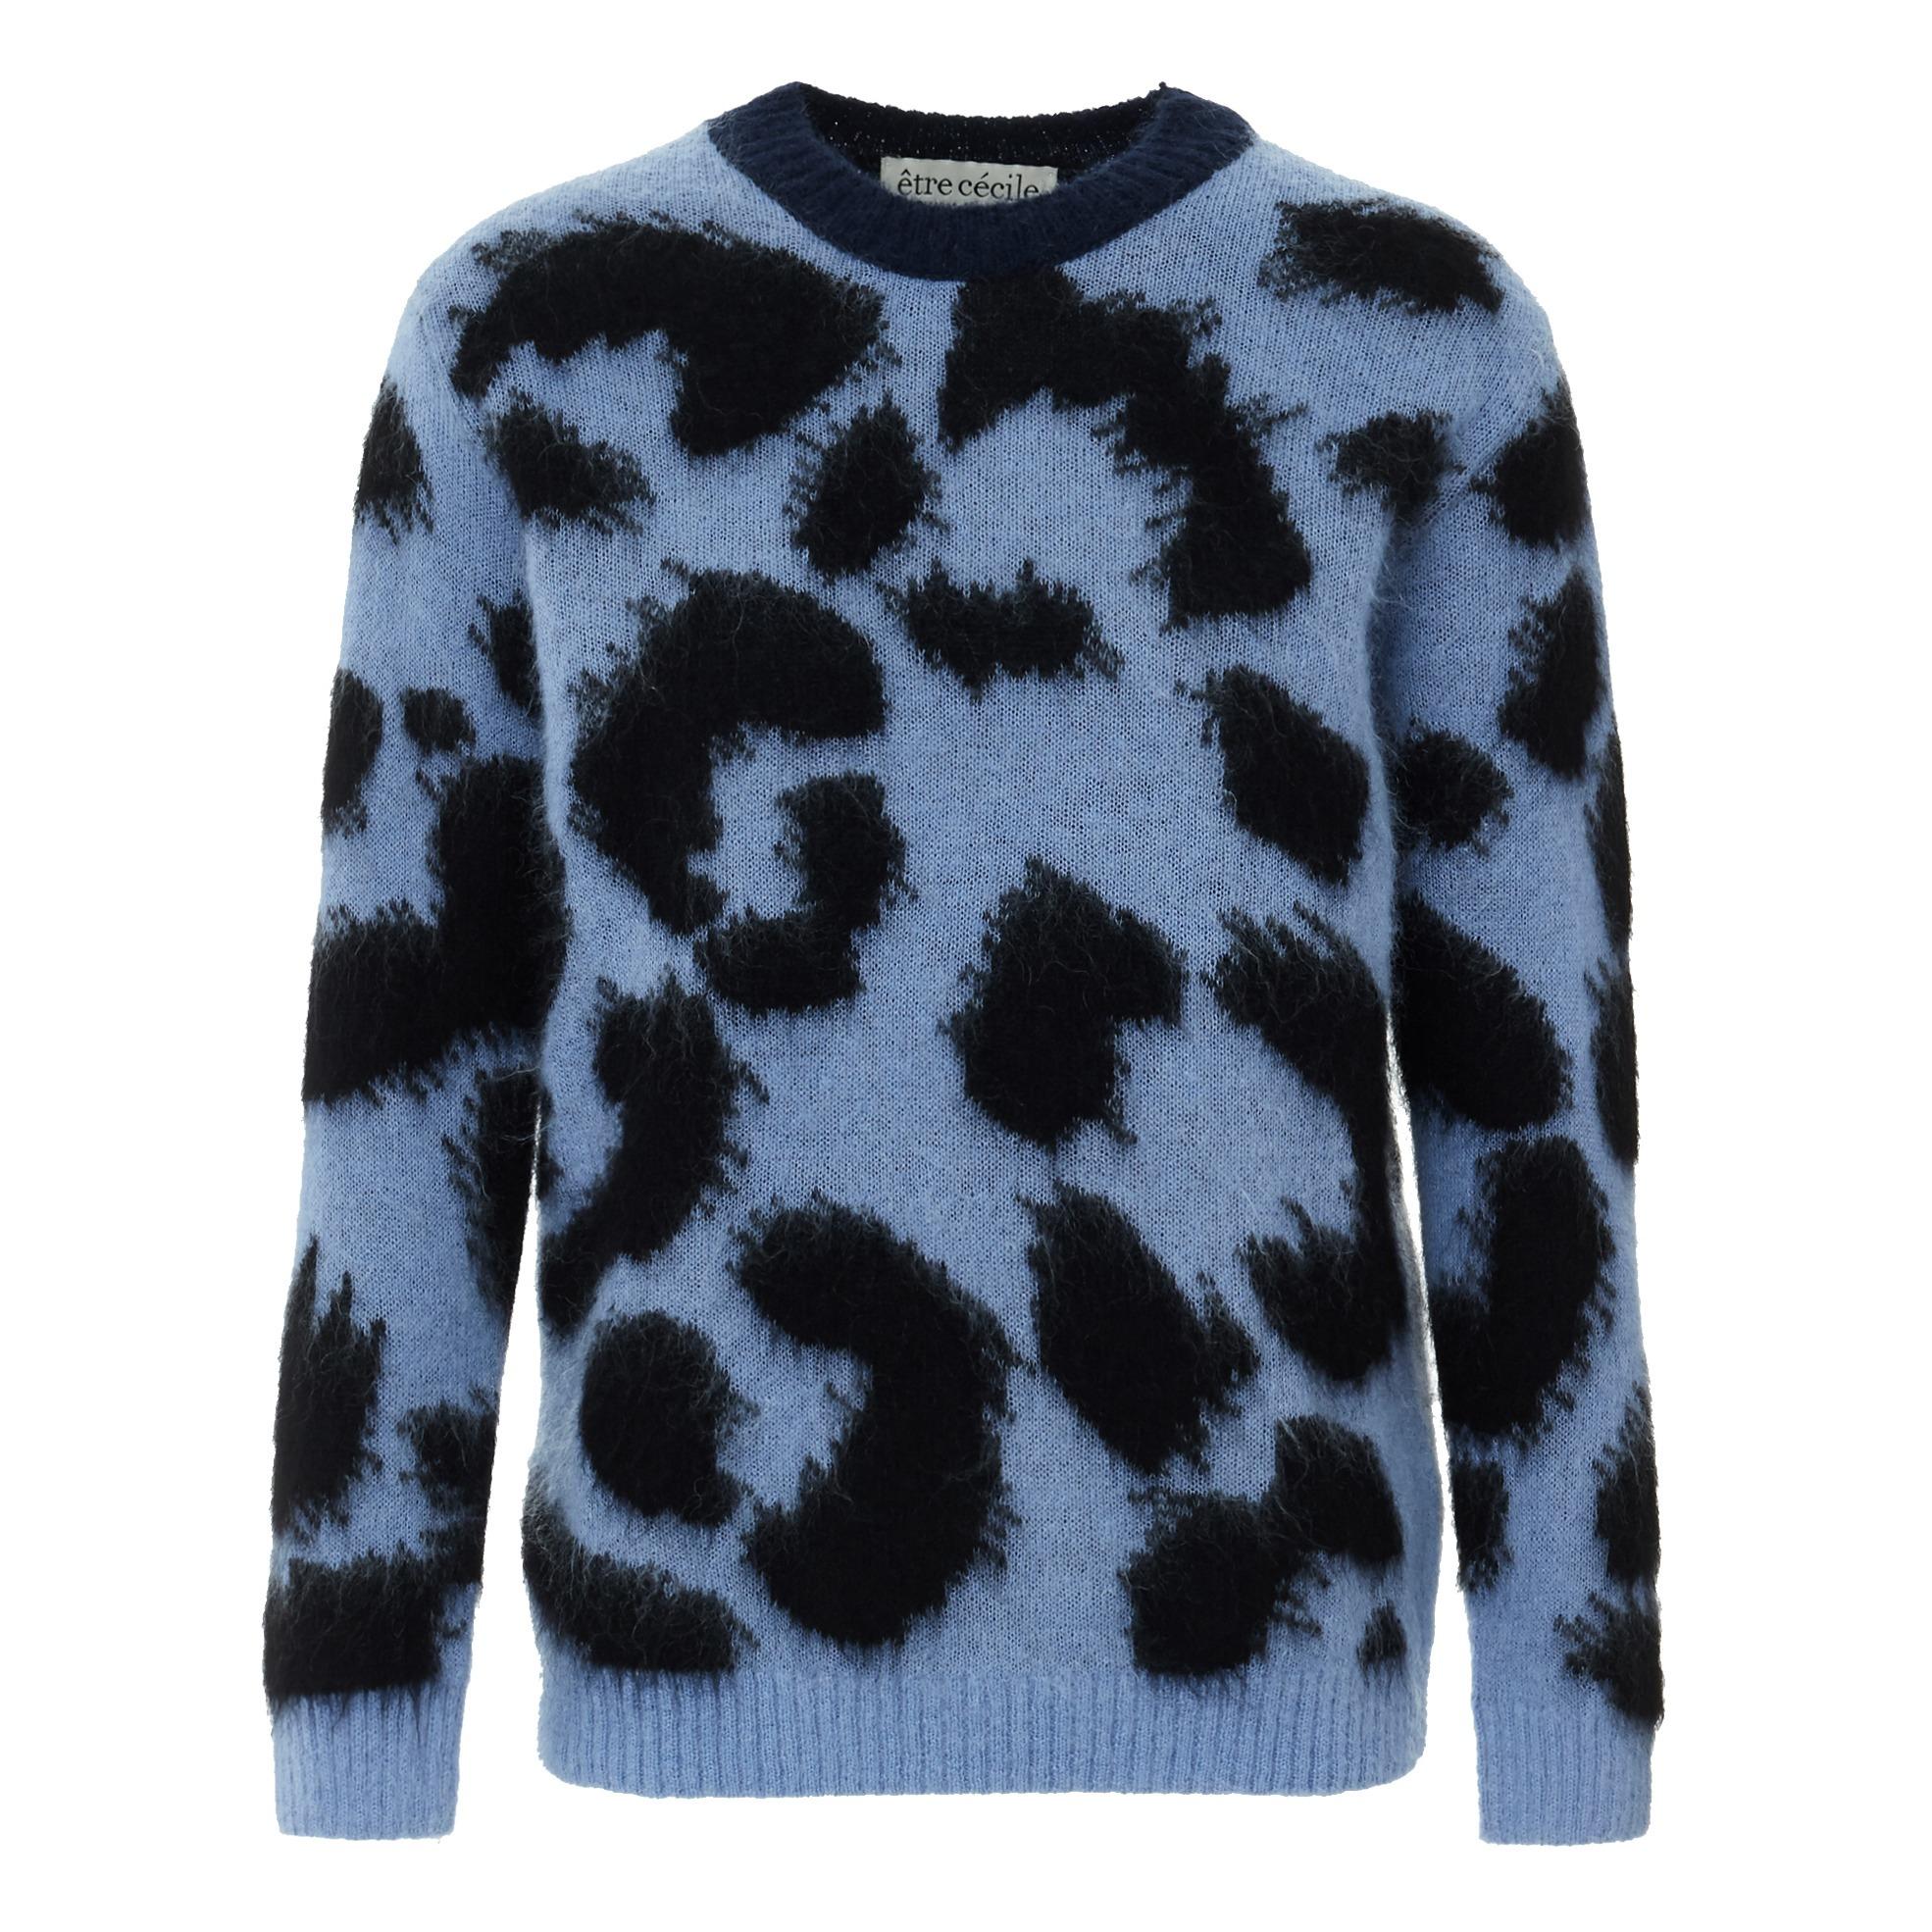 Pullover Leopard Boxy Empfehlung, Gelegenheit 9680